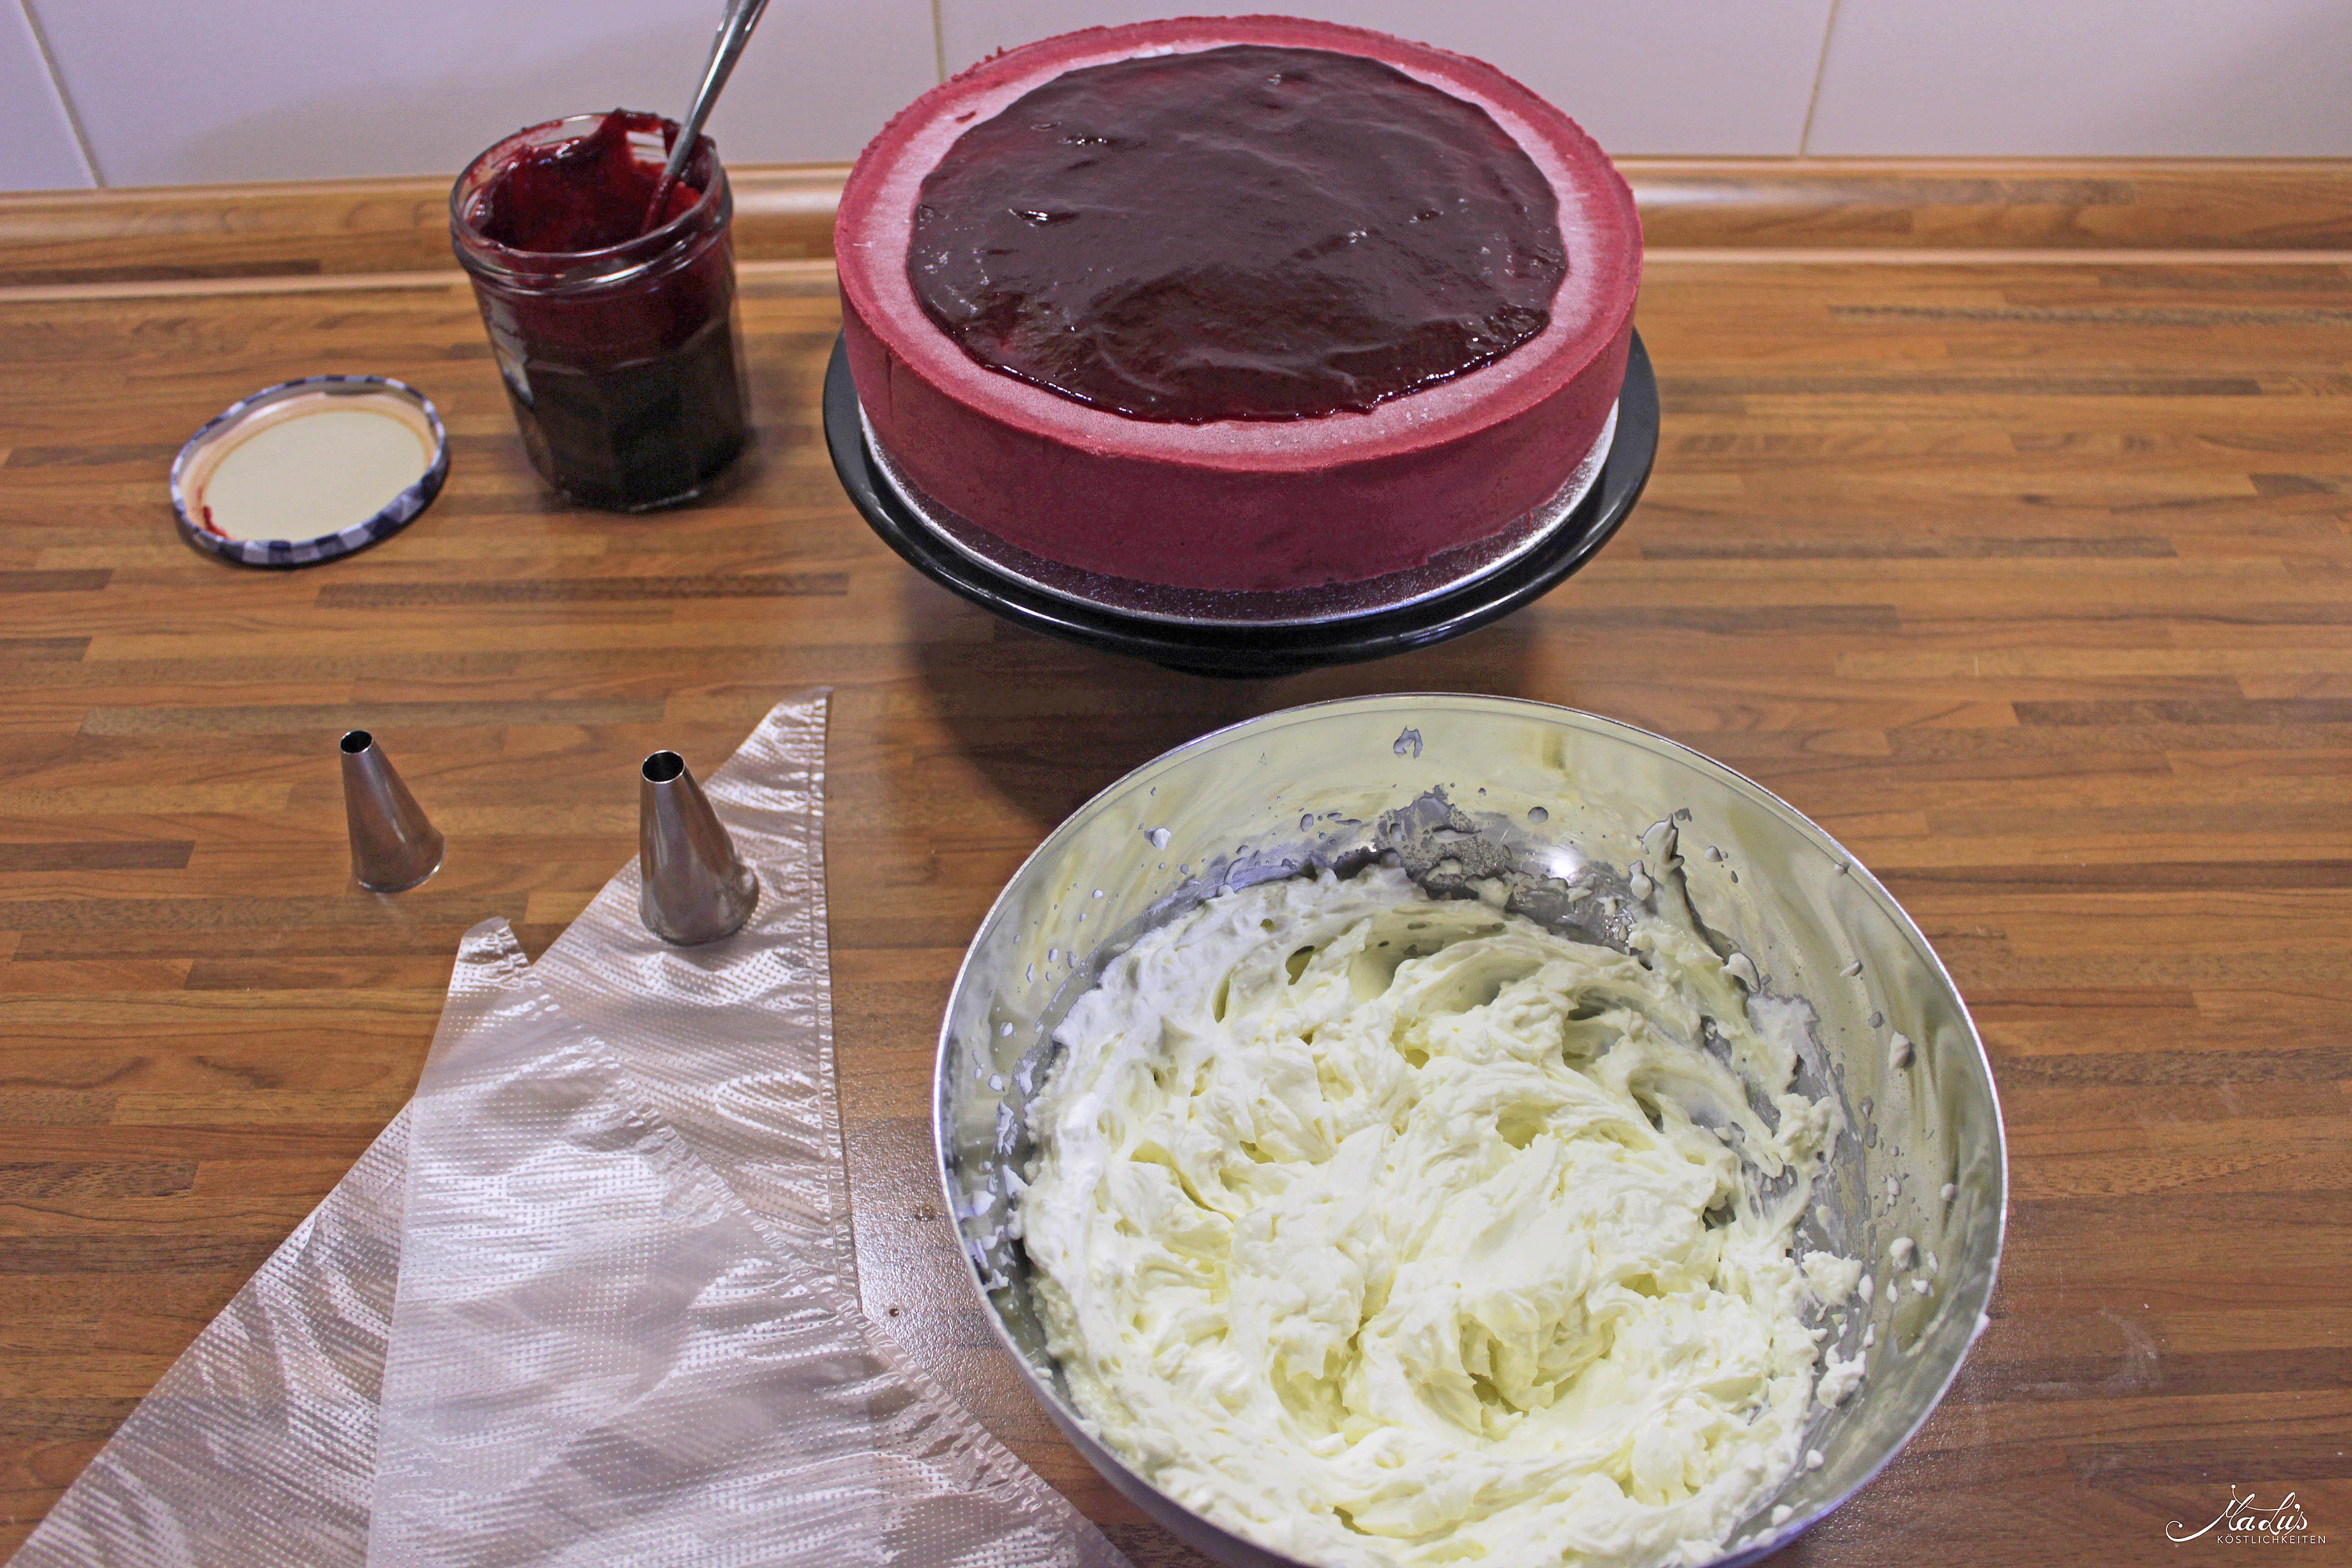 Johannisbeer-Mascarpone Torte Deko 1